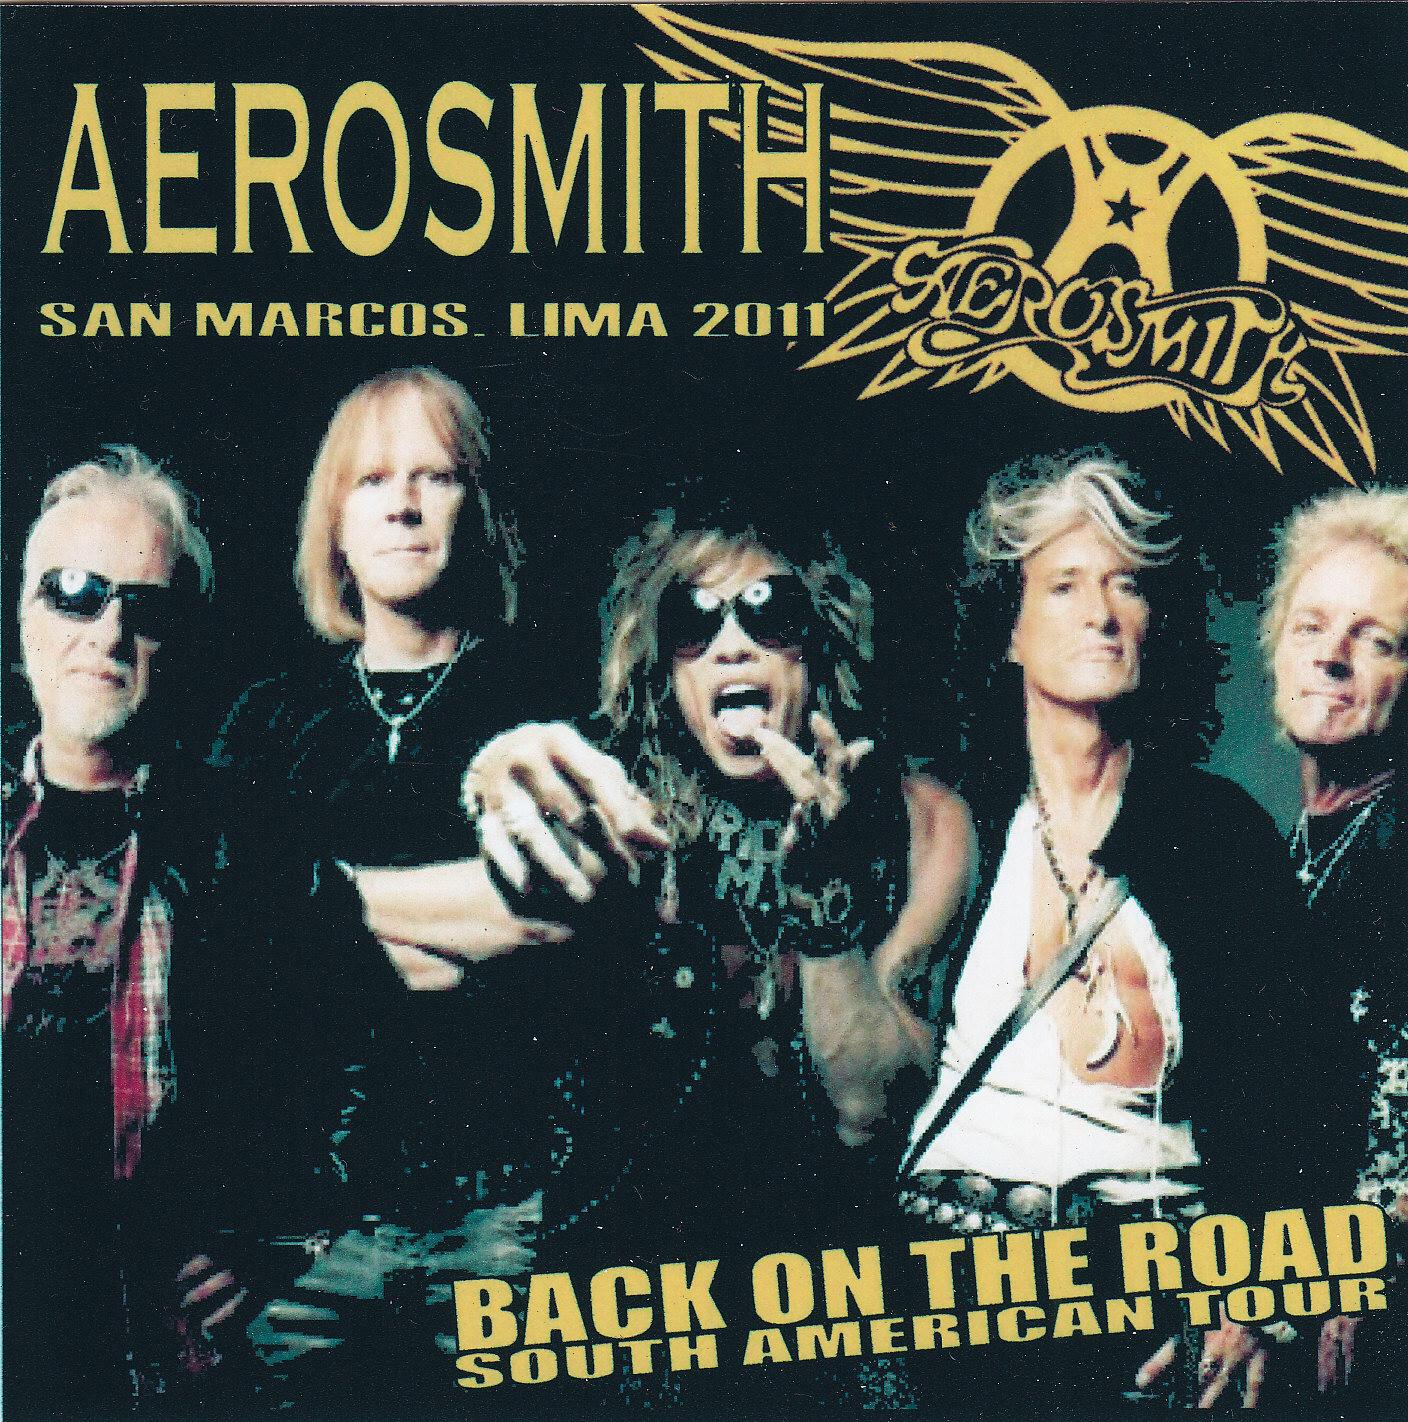 Aerosmith Bootlegs Cover Arts San Marcos Lima 2011